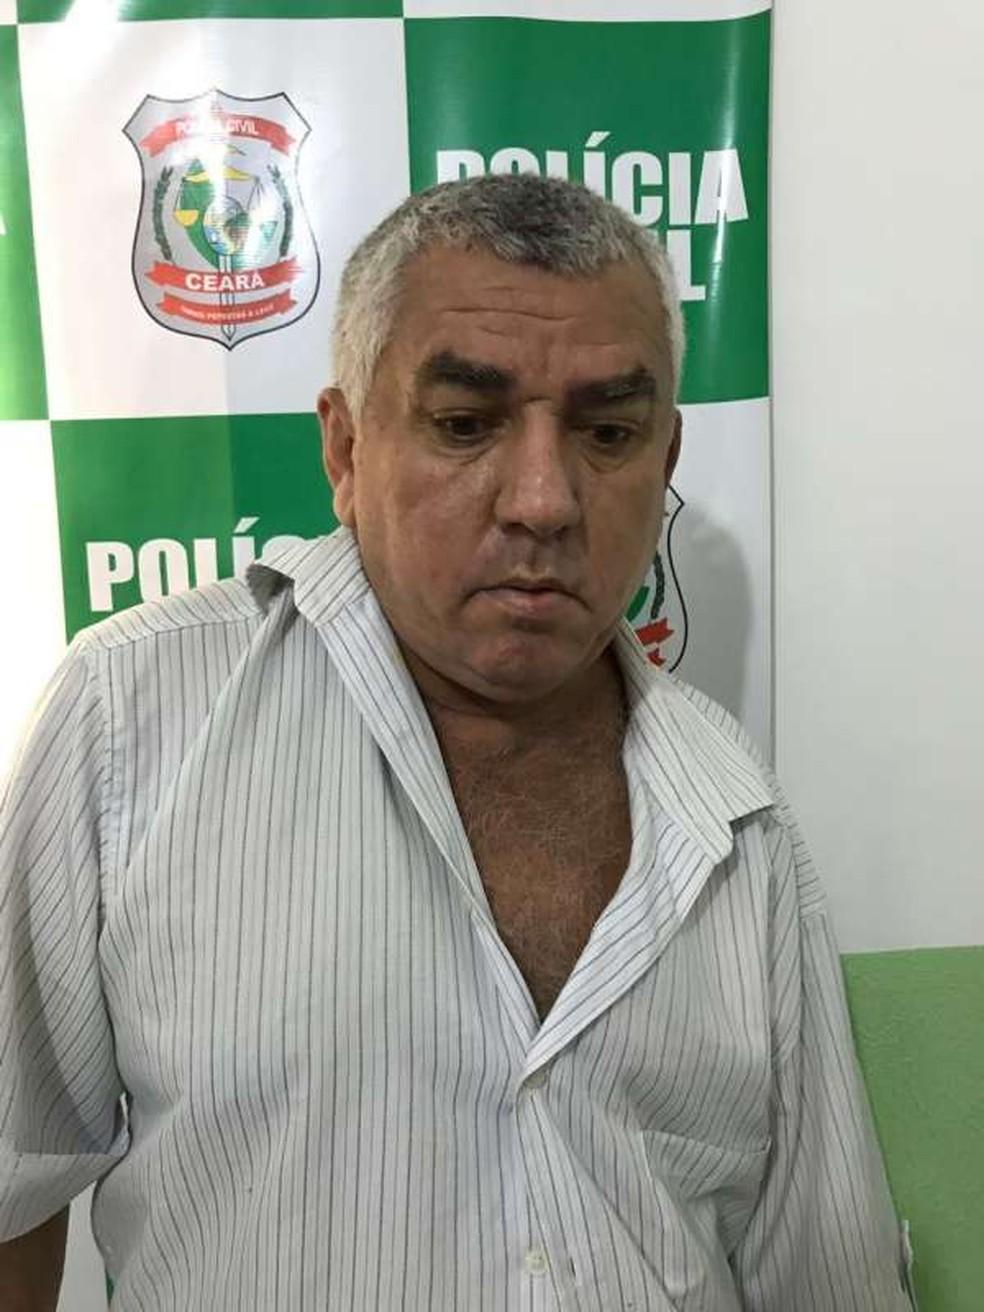 Cícero Vieira Barbosa foi preso na cidade de Brejo Santo devido um mandado de prisão em aberto por um homicídio cometido no sertão pernambucano. — Foto: SSPDS